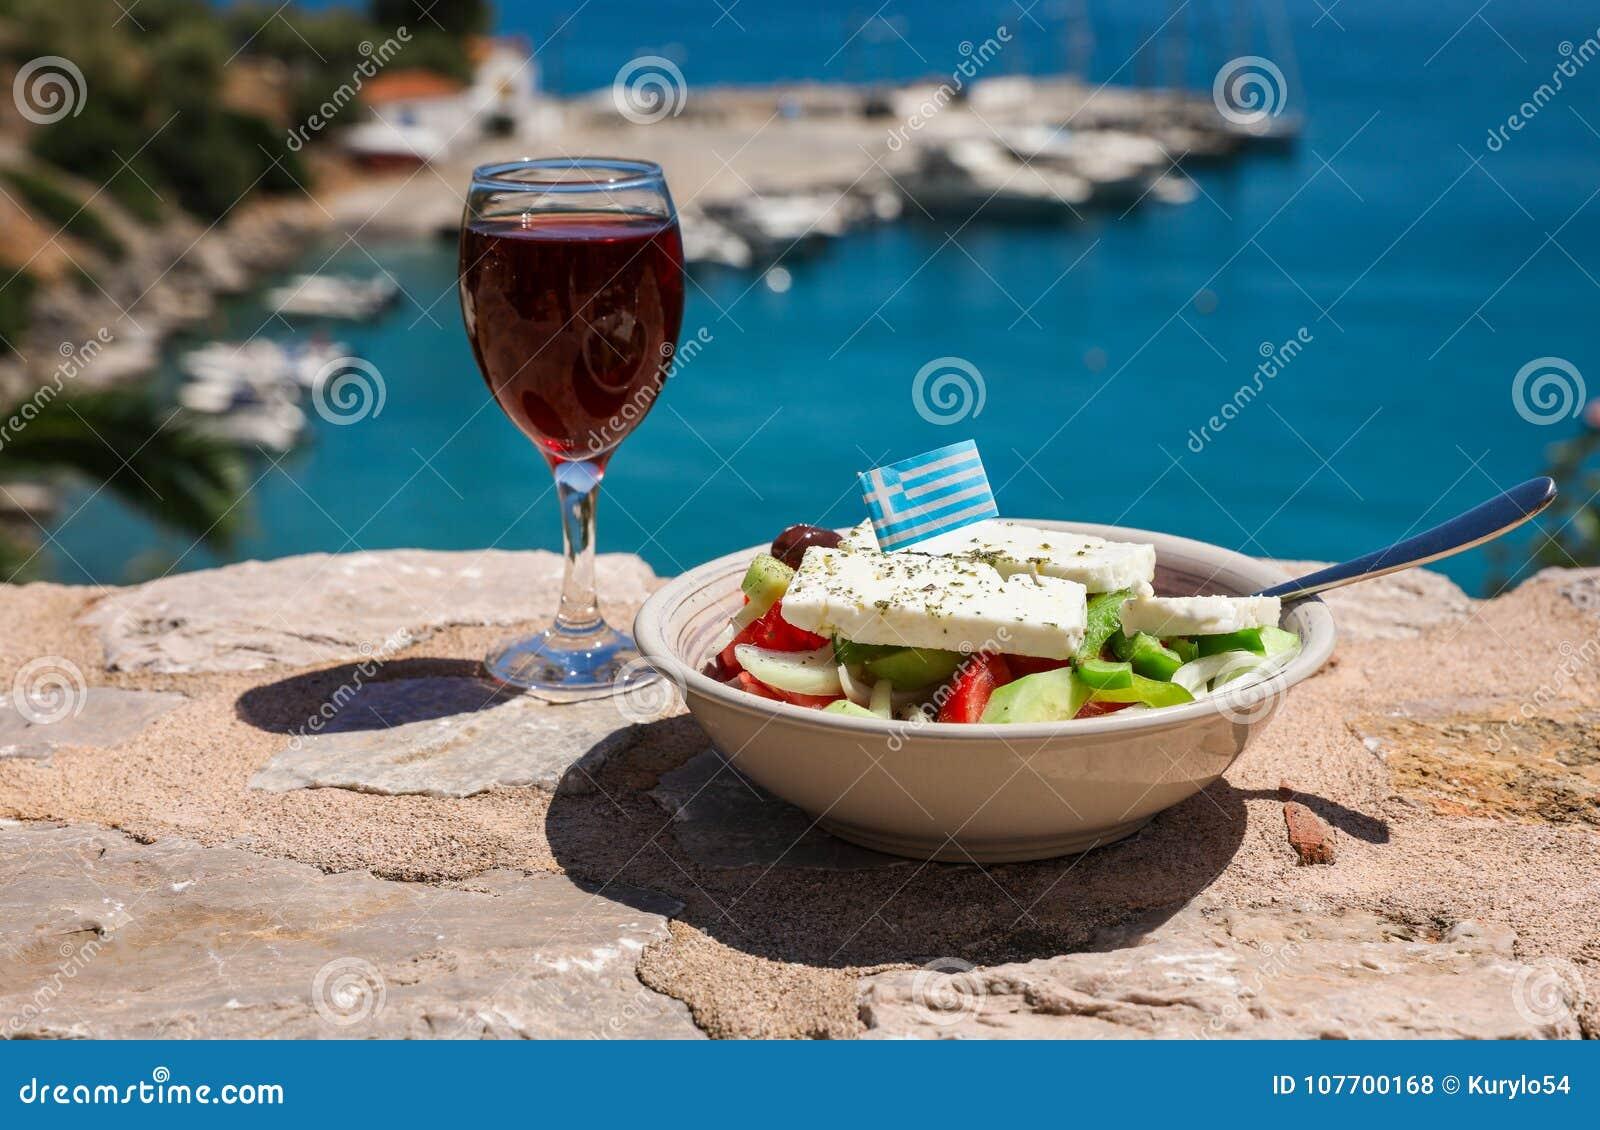 Стекло красного вина и шара греческого салата с греческим флагом дальше видом на море, концепцией праздников лета греческой